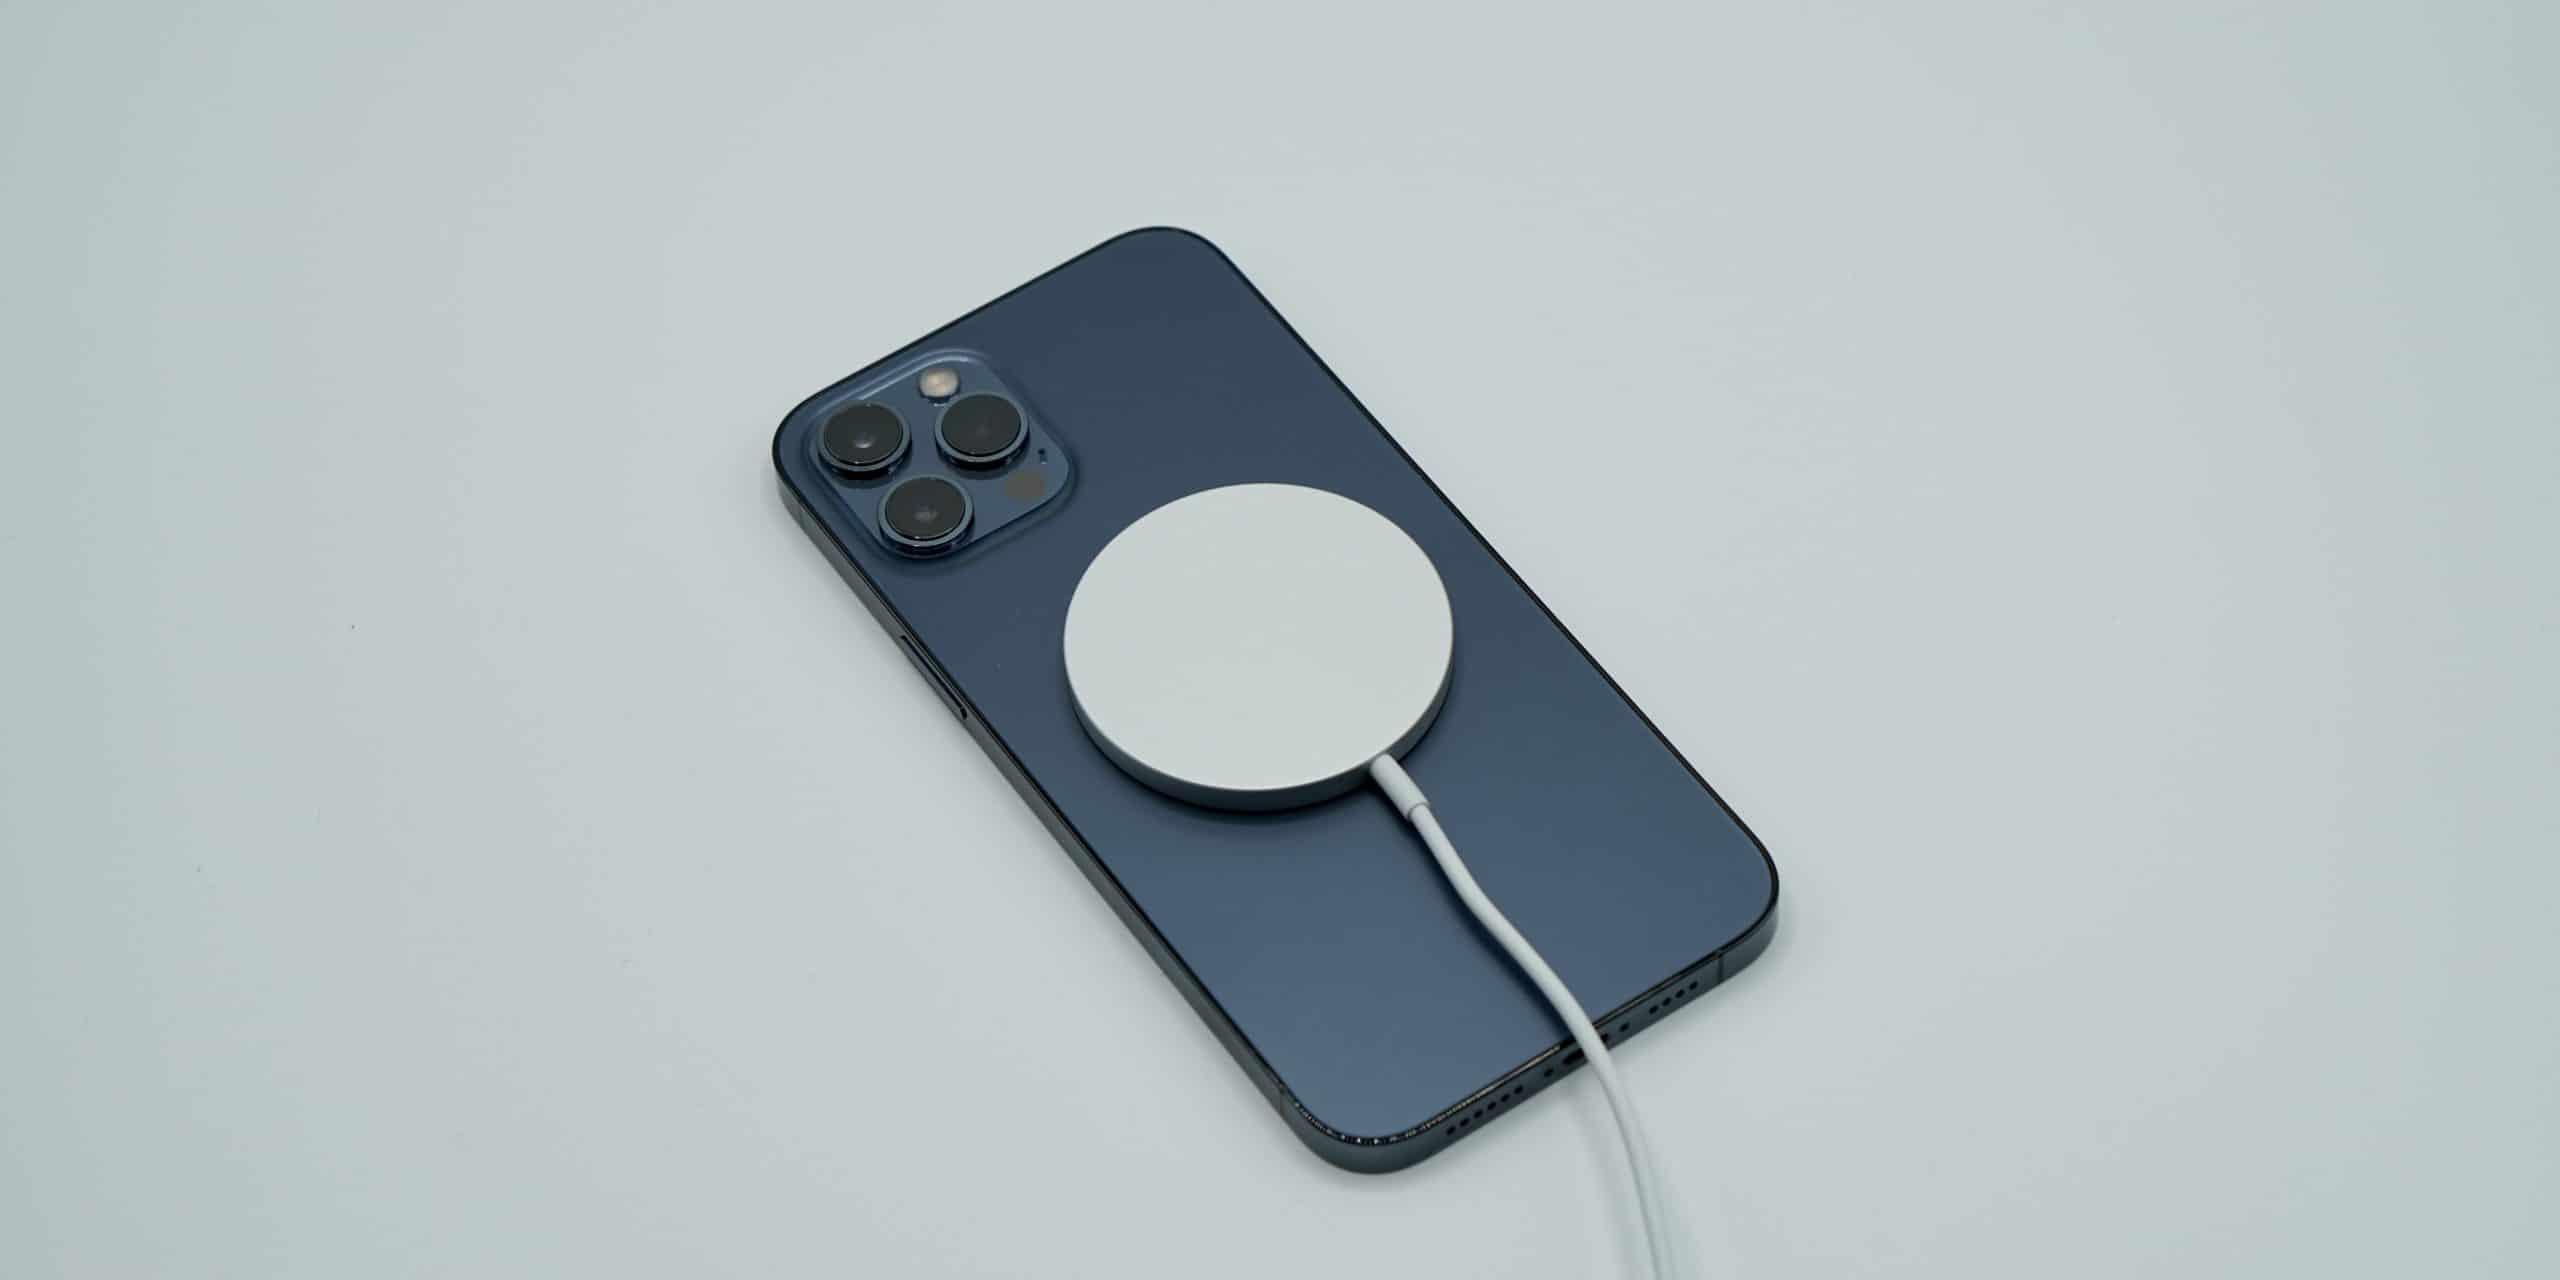 MagSafe en el iPhone 12 Pro Max